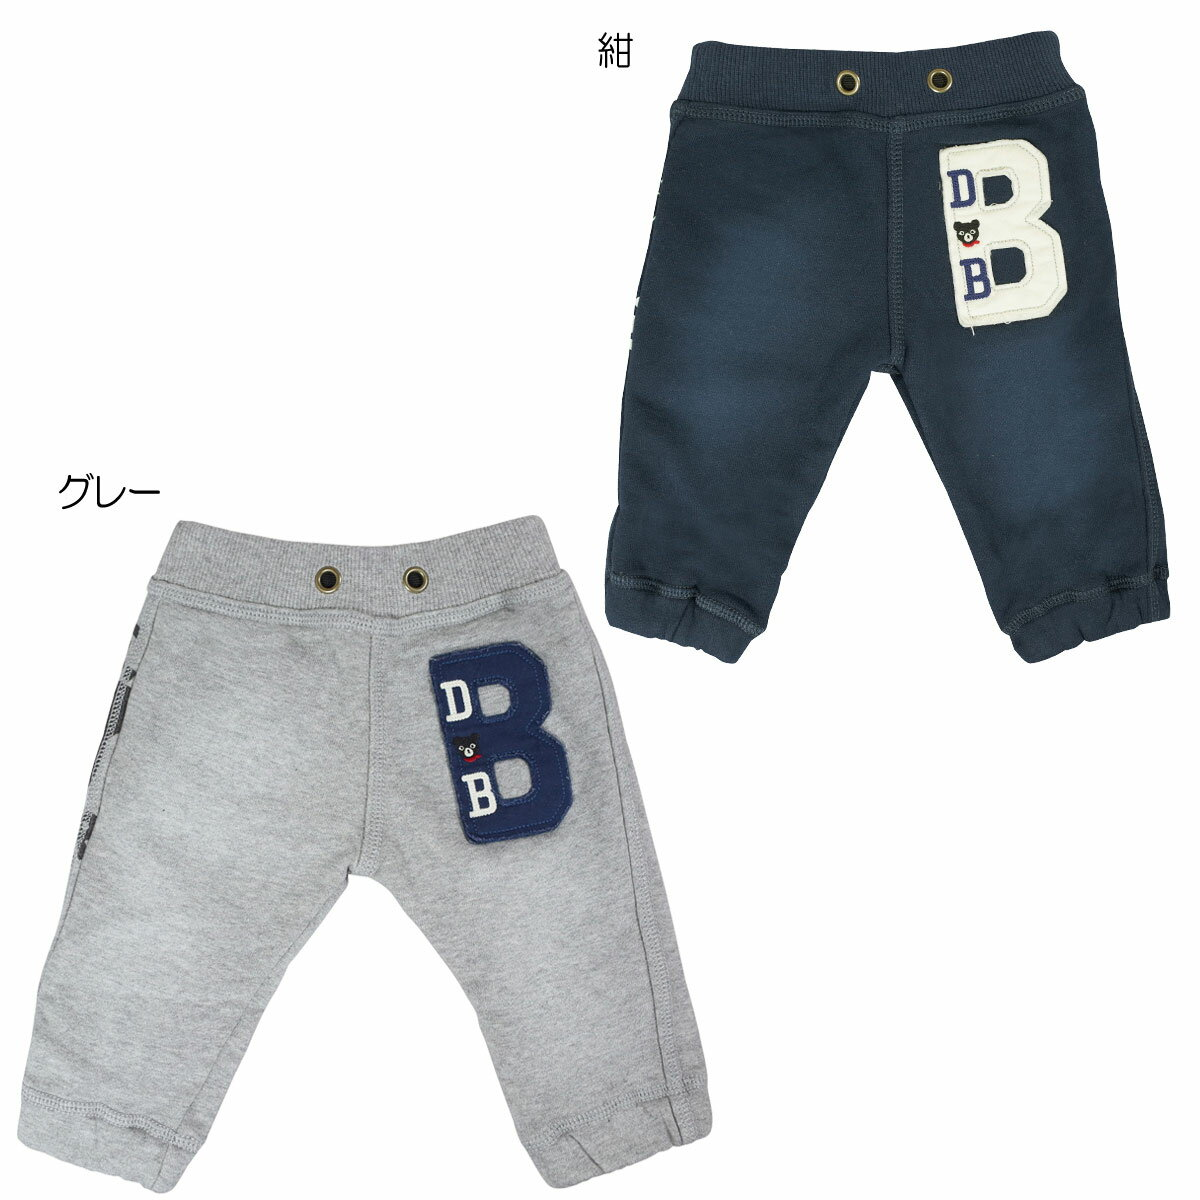 double_b(ダブルB)ヴィンテージウォッシュ加工パンツ(100-110cm) 【63-3205-847】